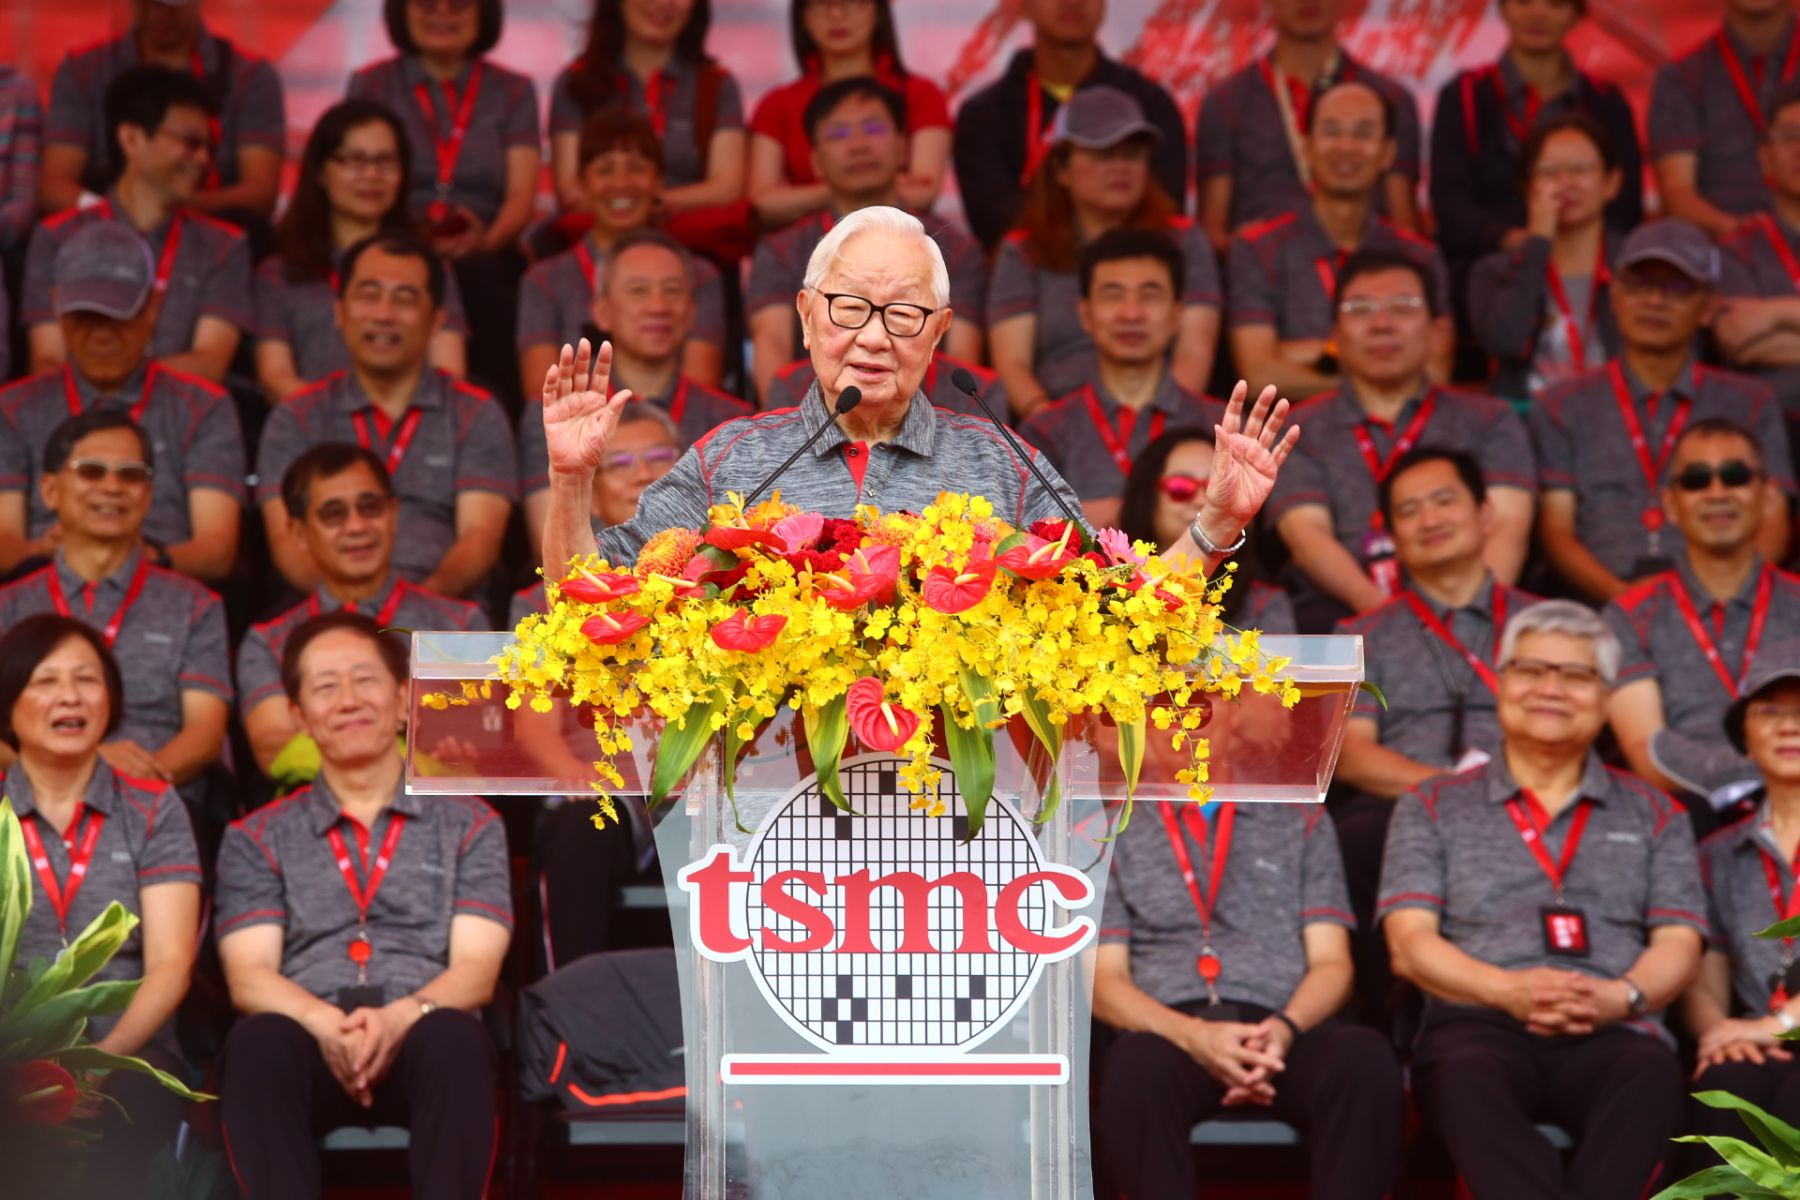 「當年華府看台灣即中國!」 前台積電法務長:15年前張忠謀就規劃赴美設廠 收購IBM晶圓廠卡這關